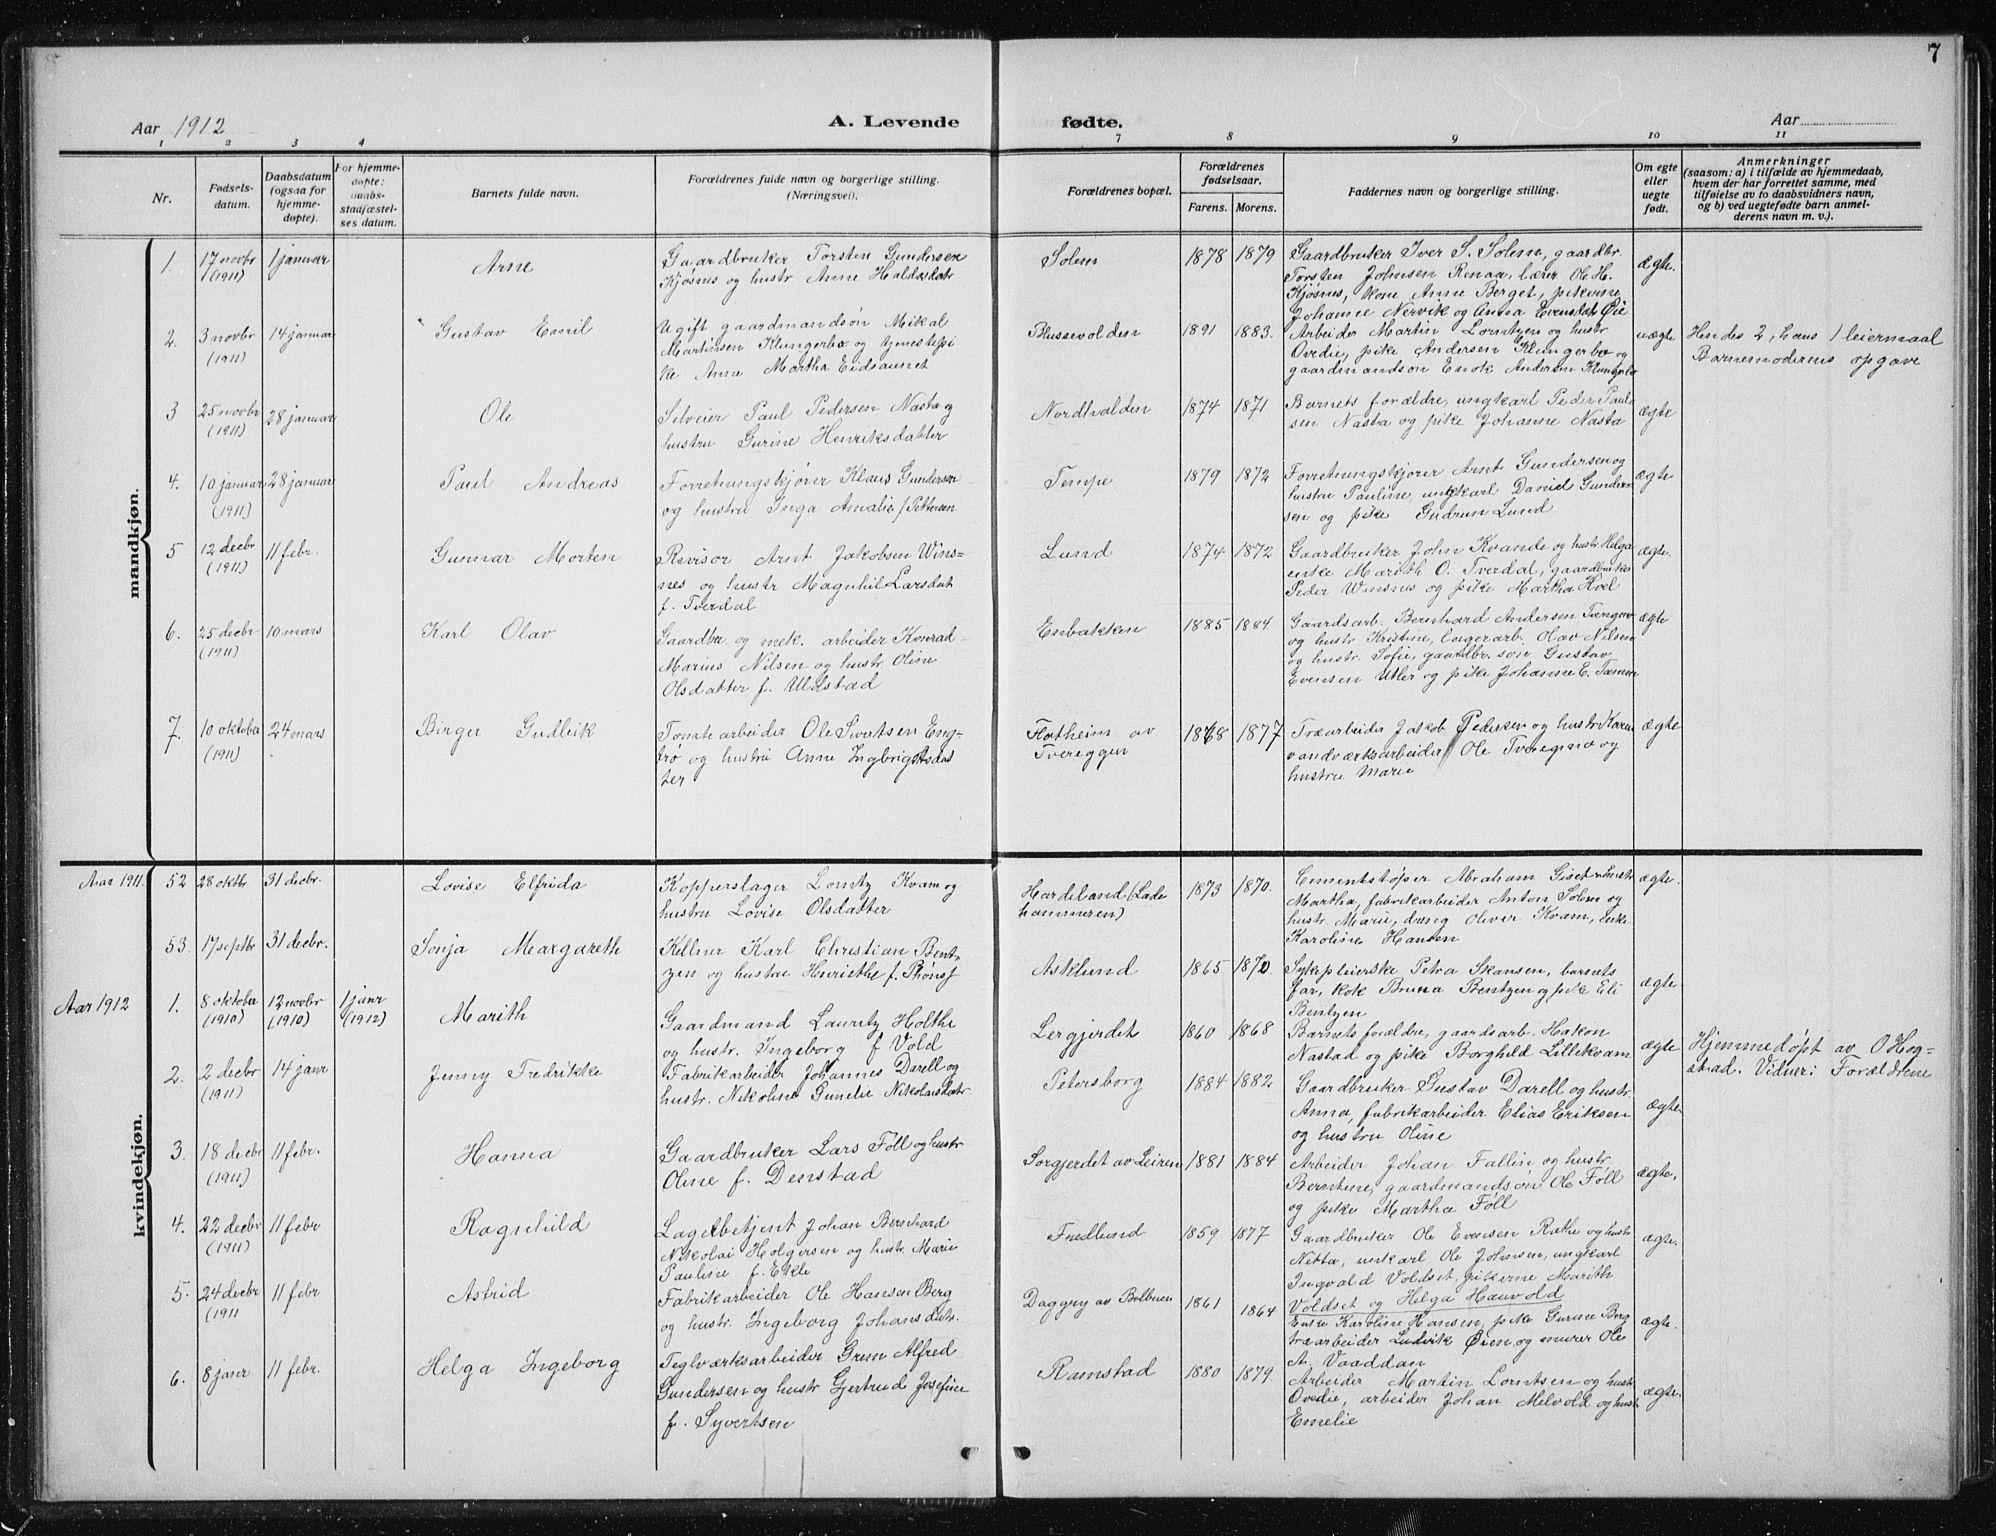 SAT, Ministerialprotokoller, klokkerbøker og fødselsregistre - Sør-Trøndelag, 606/L0314: Klokkerbok nr. 606C10, 1911-1937, s. 7